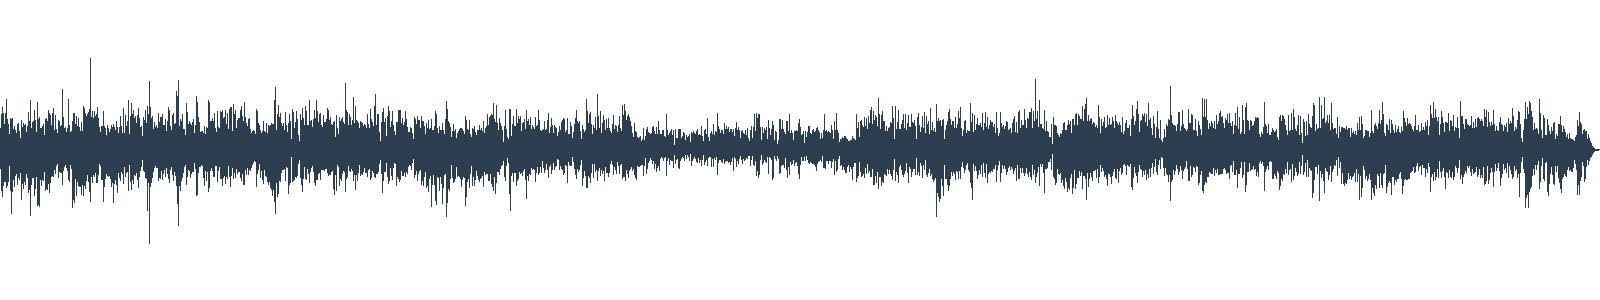 #7 Kdo je Dominik Dán? waveform